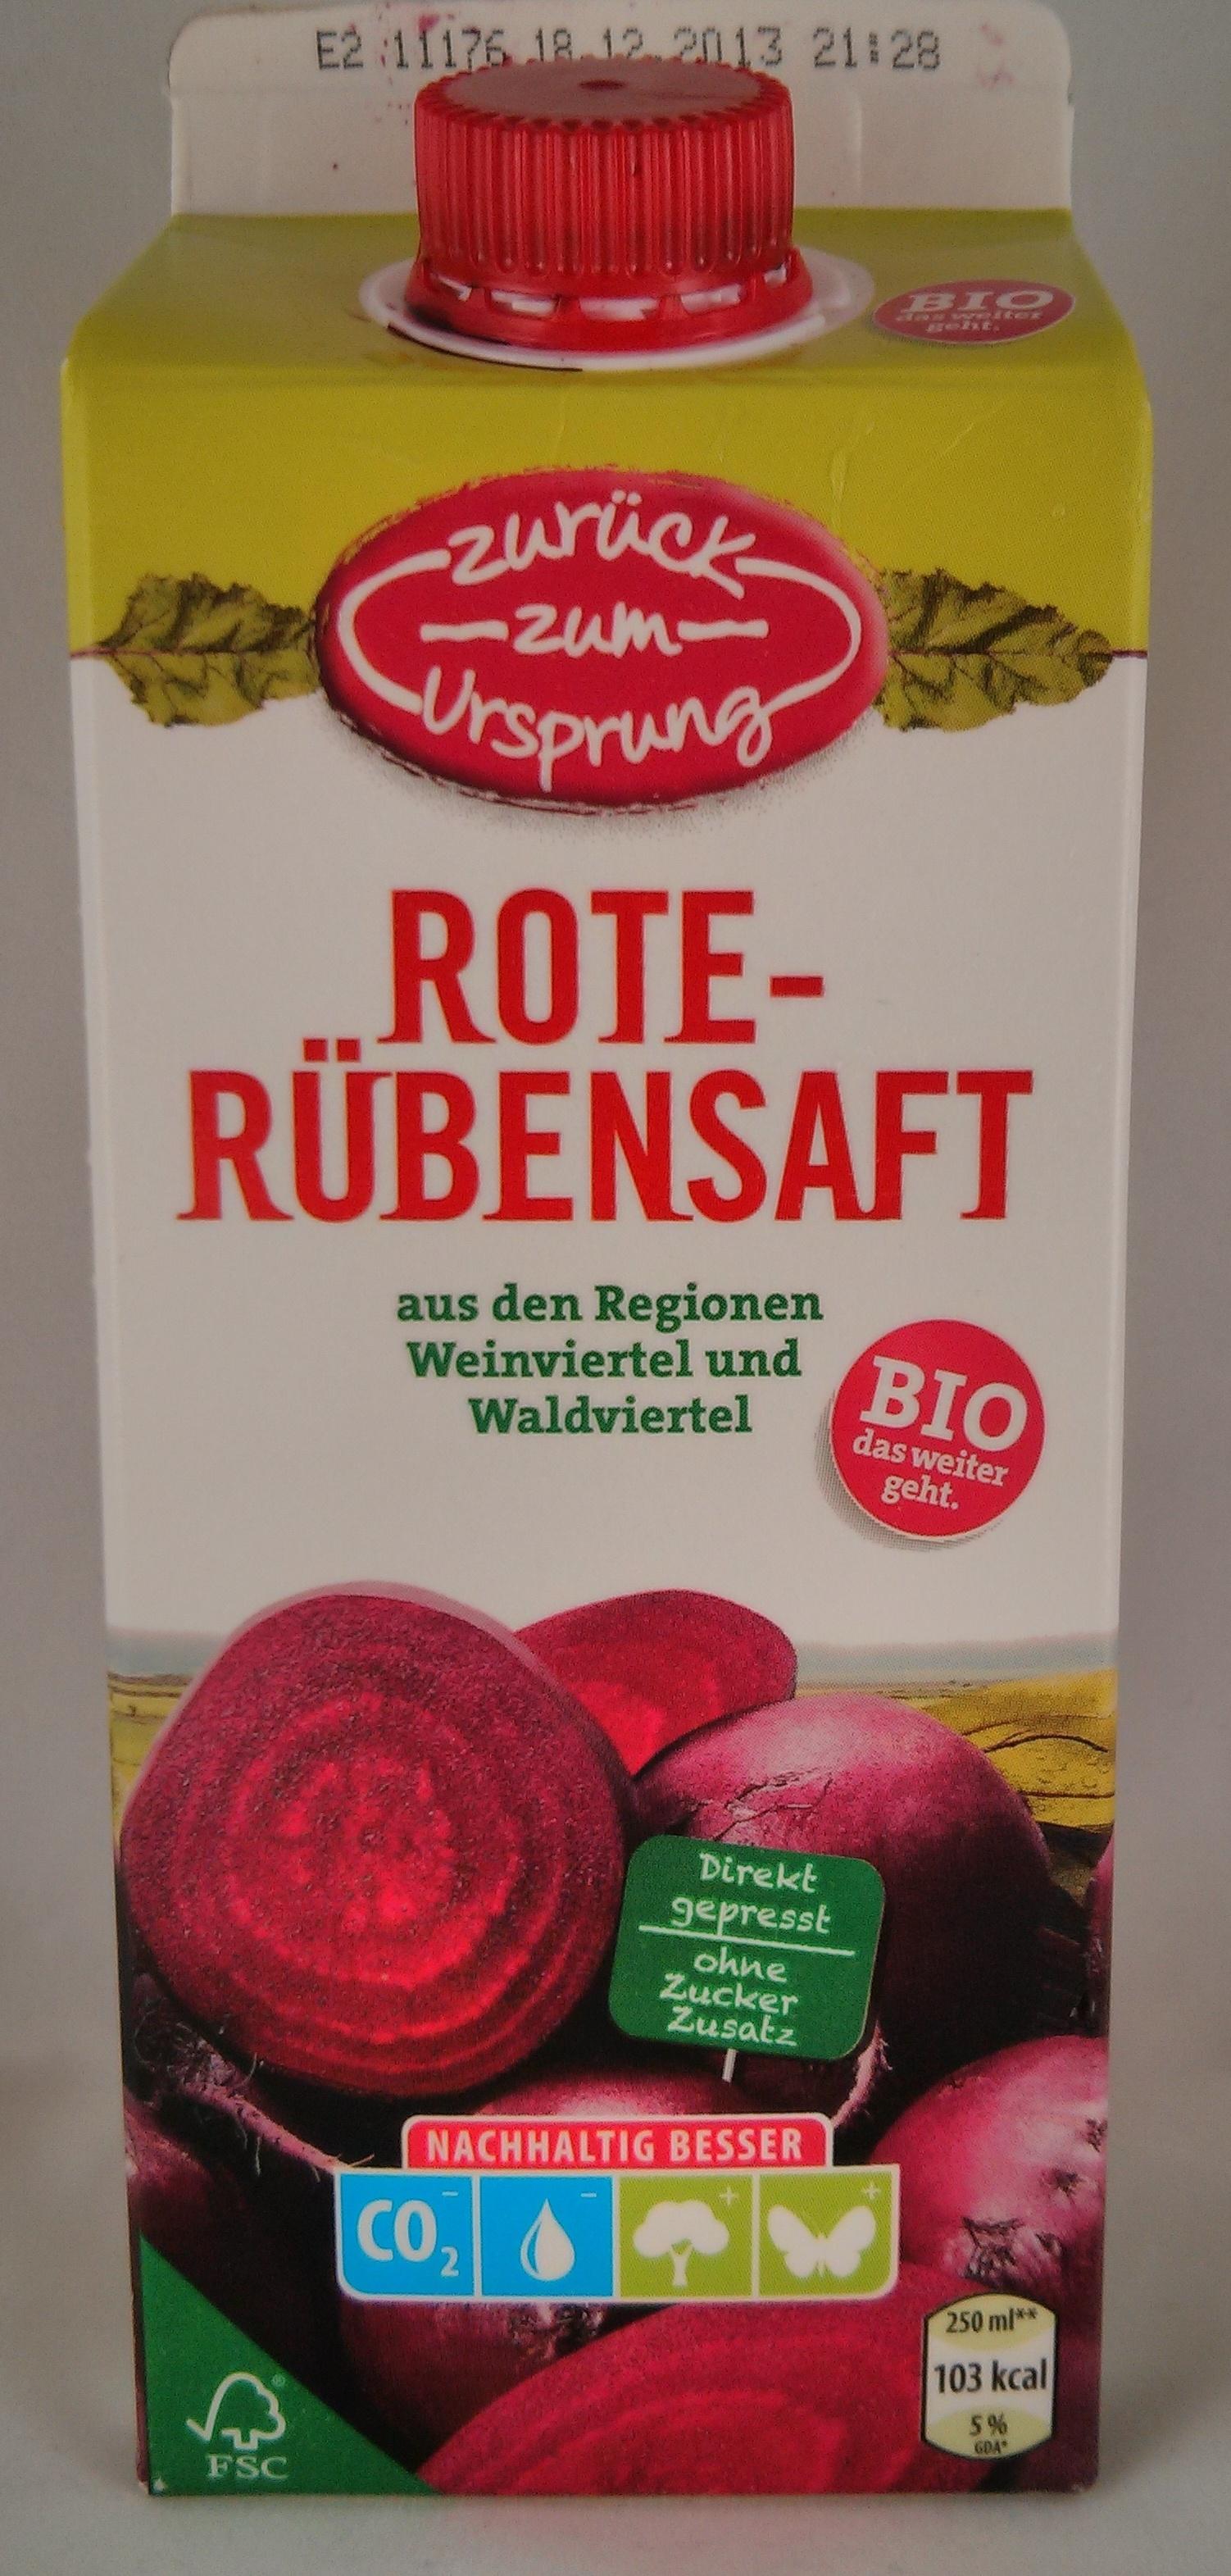 Rote-Rübensaft aus den Regionen Weinviertel und Waldviertel - Product - de